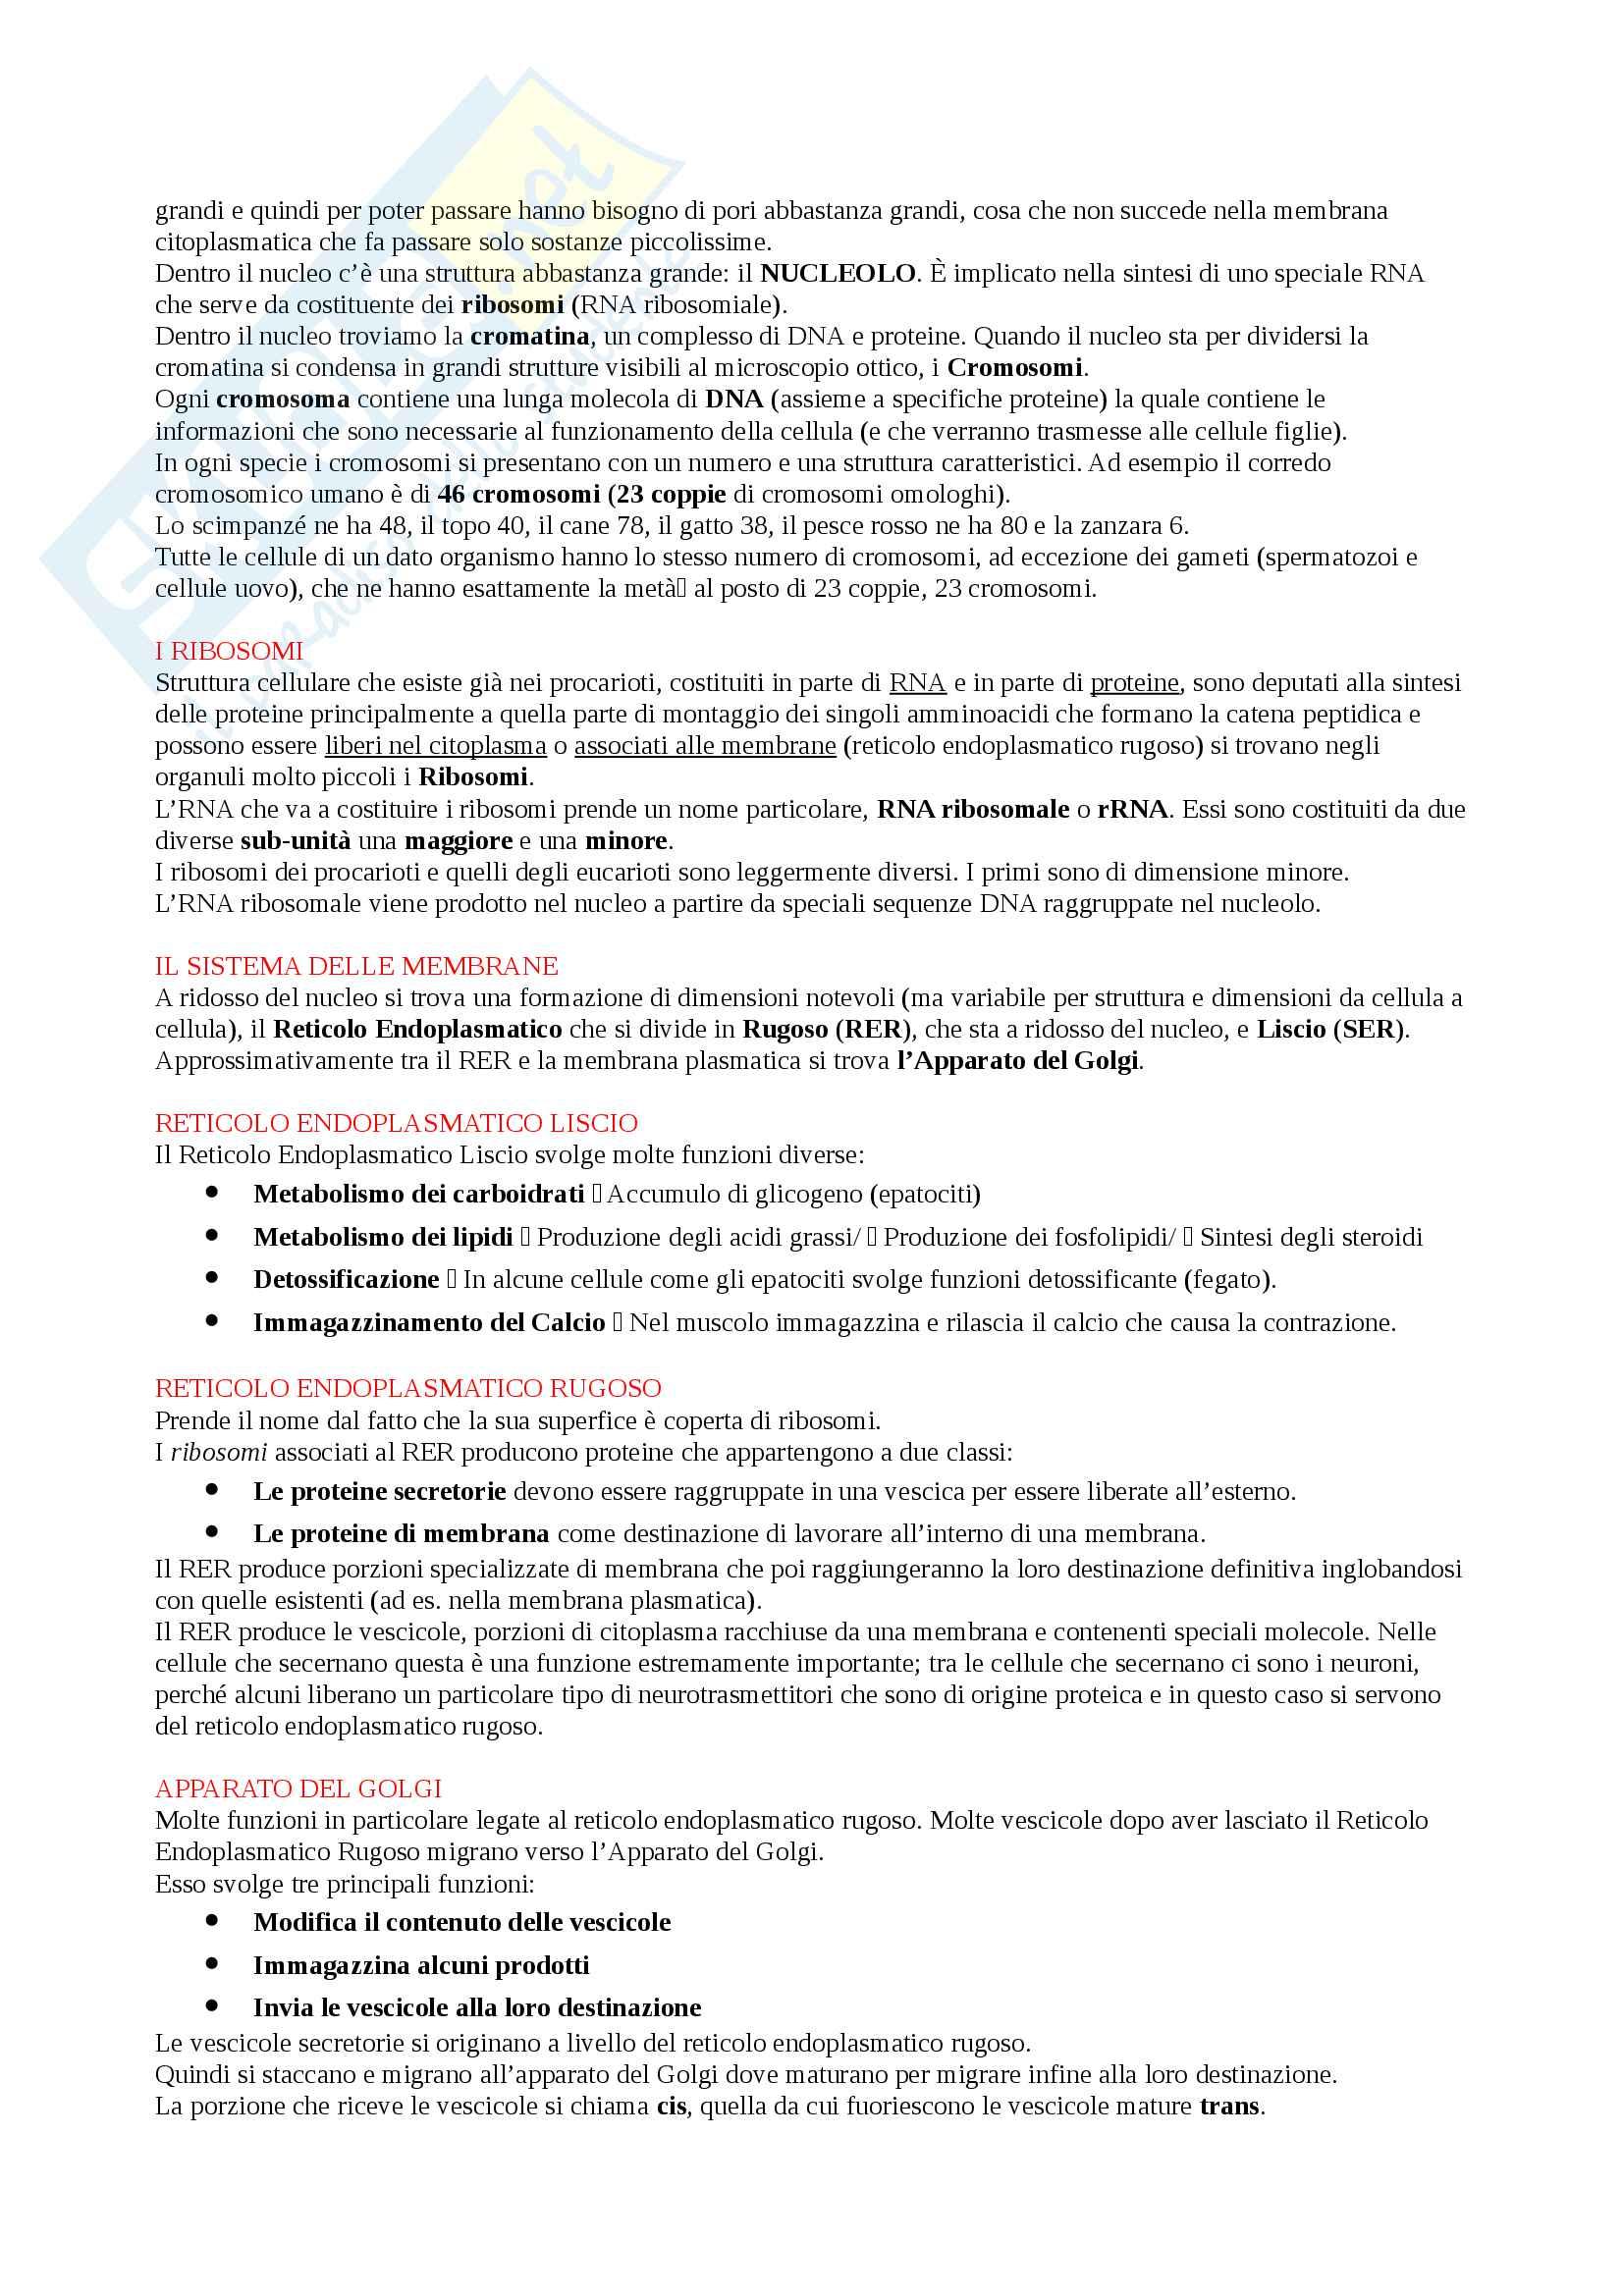 Appunti Biologia-Chimica per superare OFA!! Utile anche per superare il Test d'ingresso Pag. 16